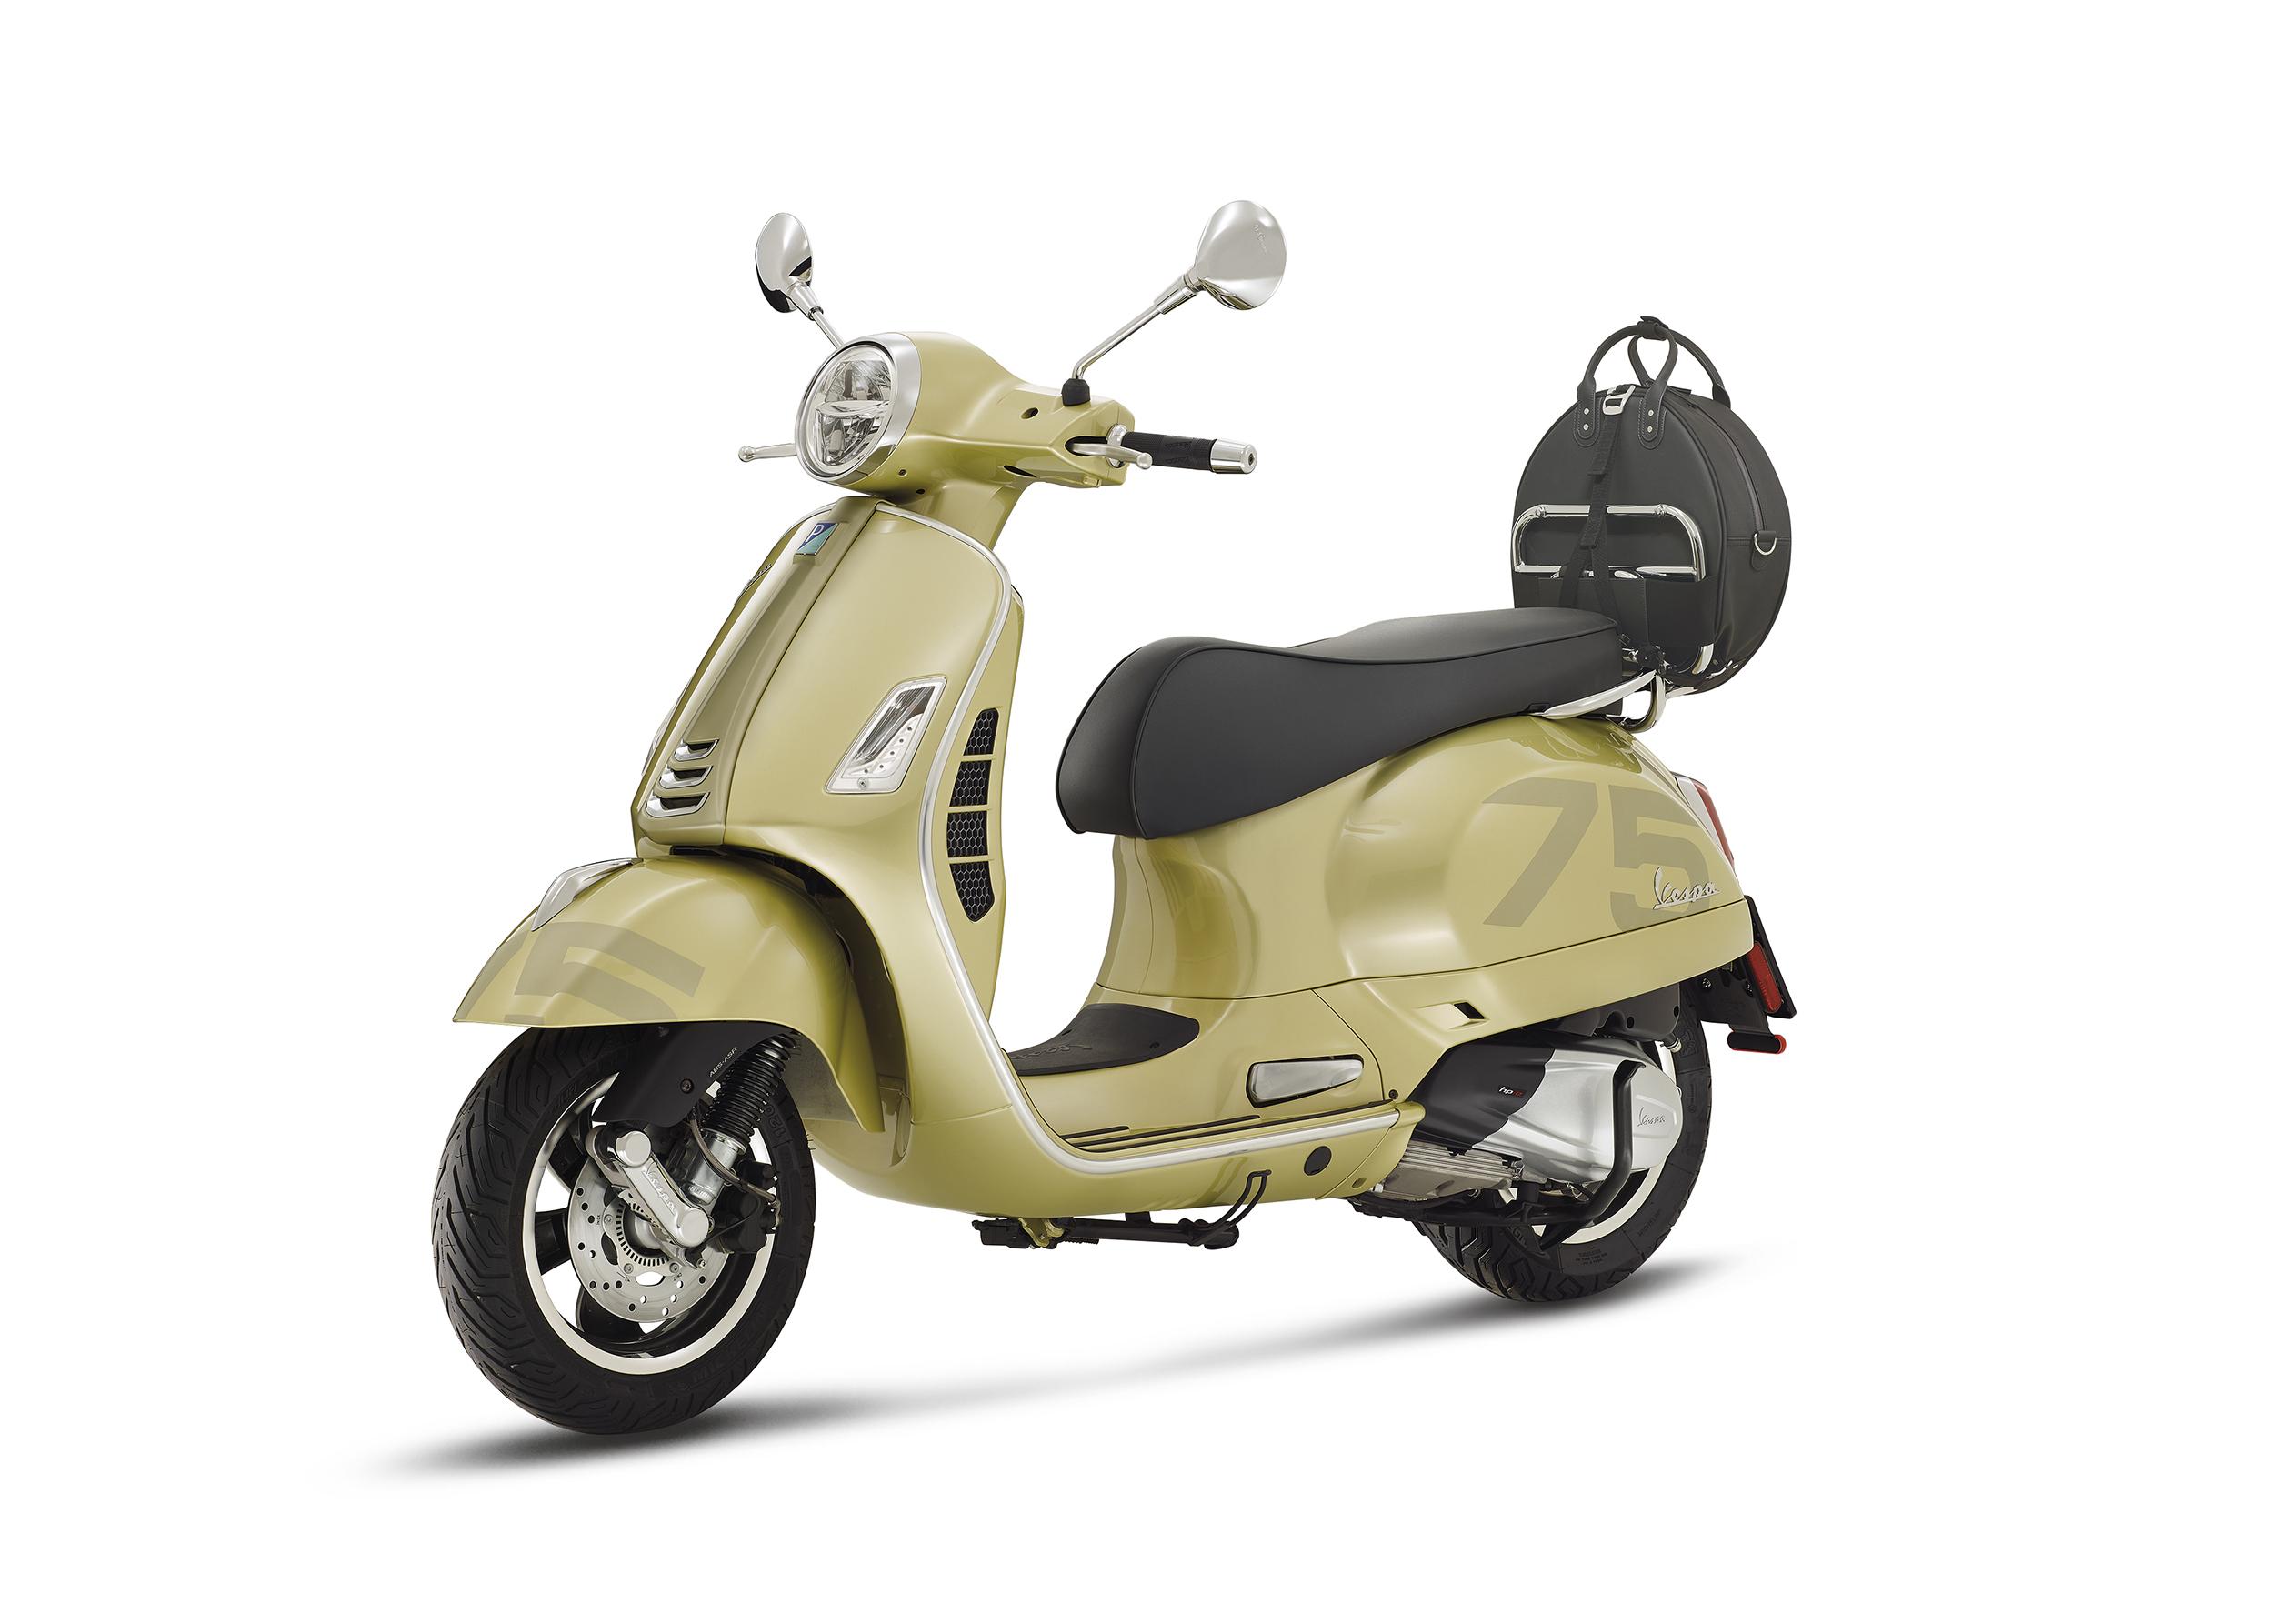 Vespa celebra sus 75 años de vida con 19 millones de motos fabricadas